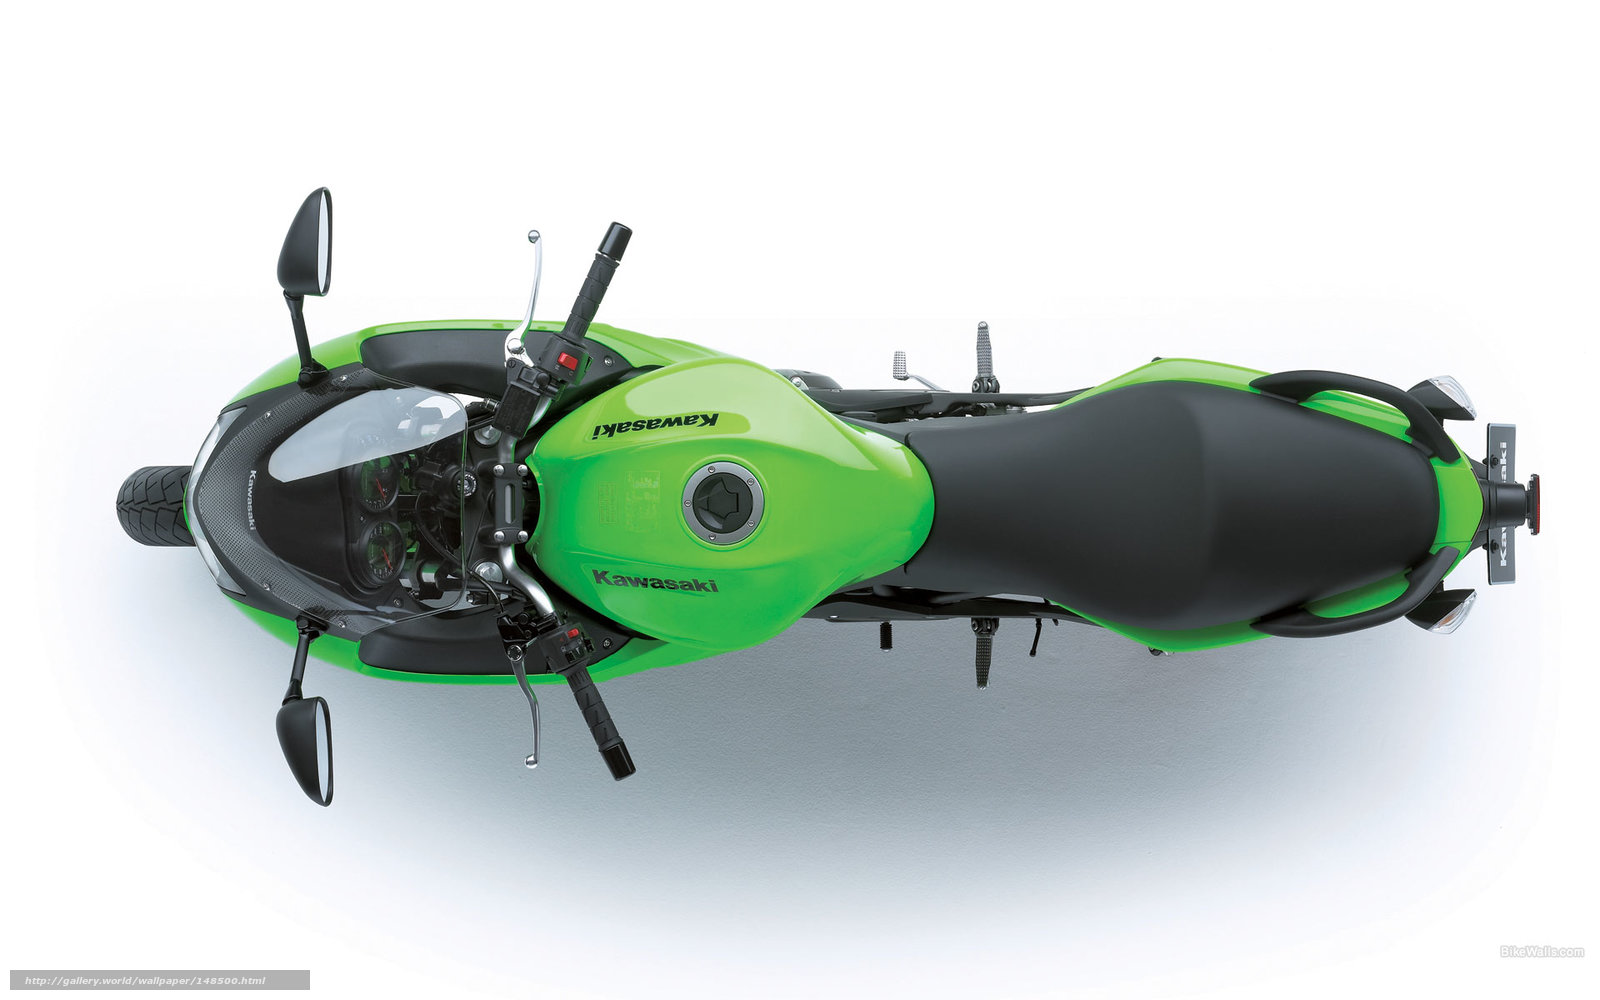 Скачать обои Kawasaki,  Sports,  ER-6F,  ER-6F 2008 бесплатно для рабочего стола в разрешении 1920x1200 — картинка №148500